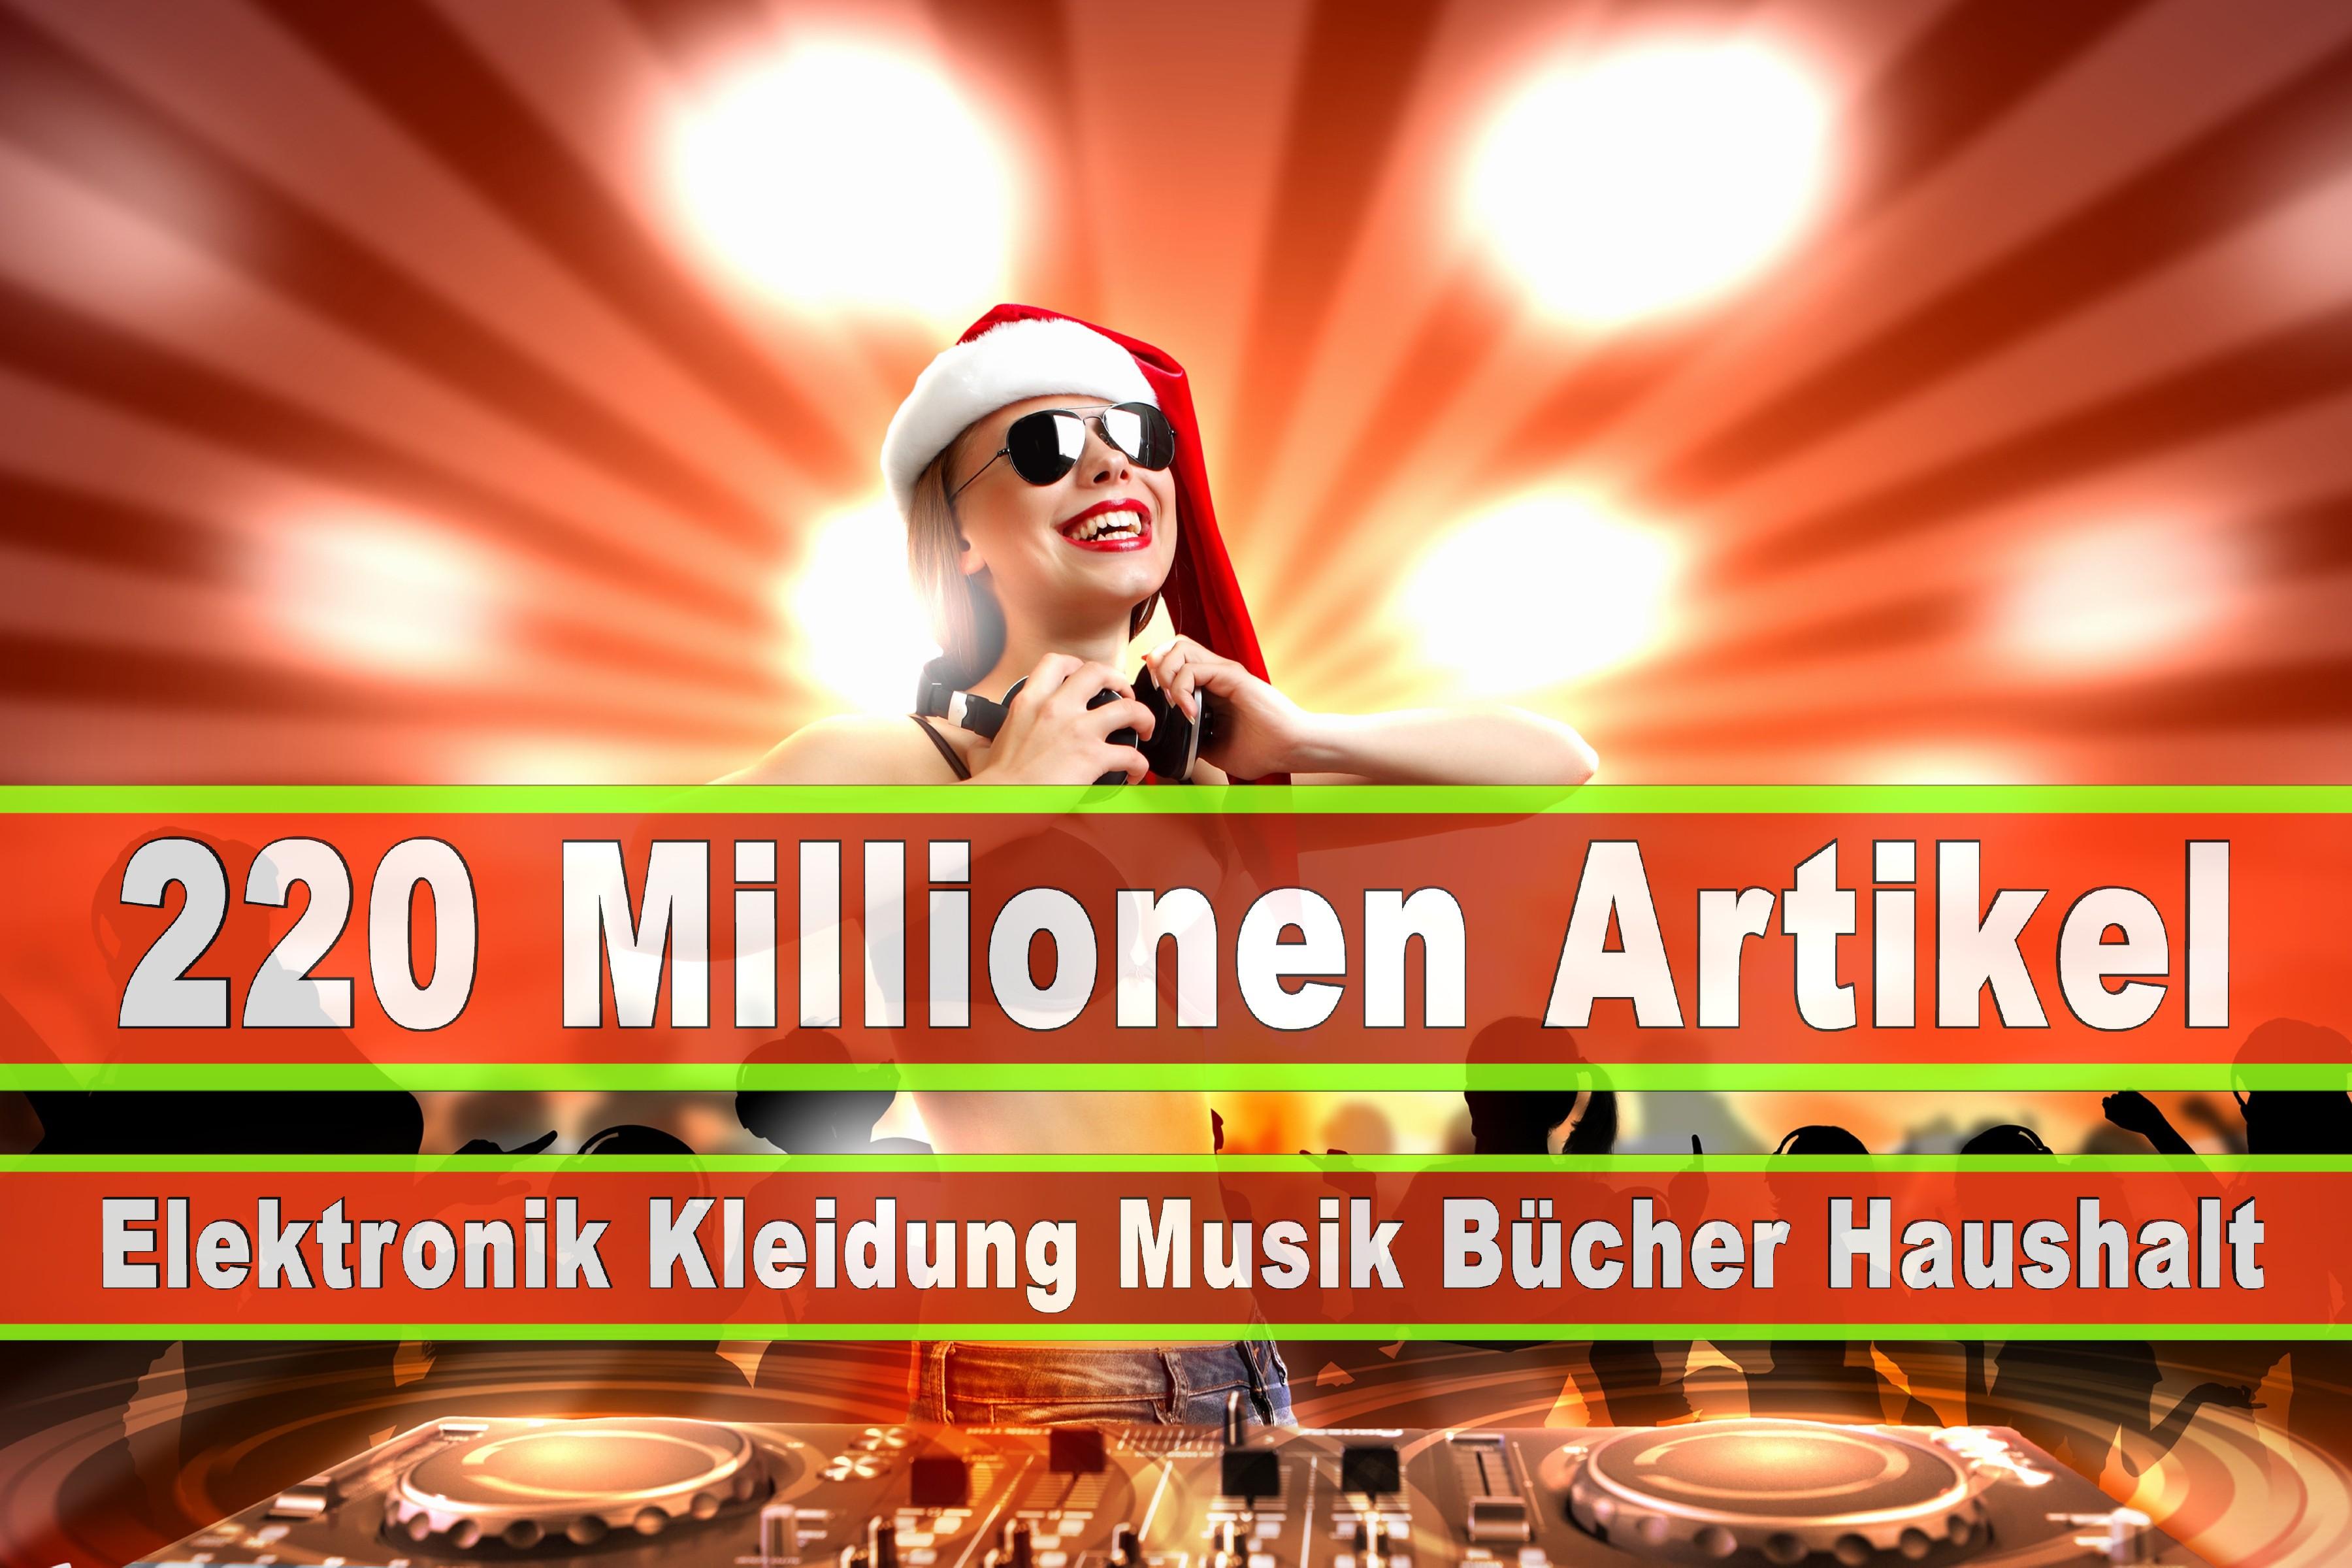 Amazon Elektronik Musik Haushalt Bücher CD DVD Handys Smartphones TV Television Fernseher Kleidung Mode Ebay Versandhaus (217)